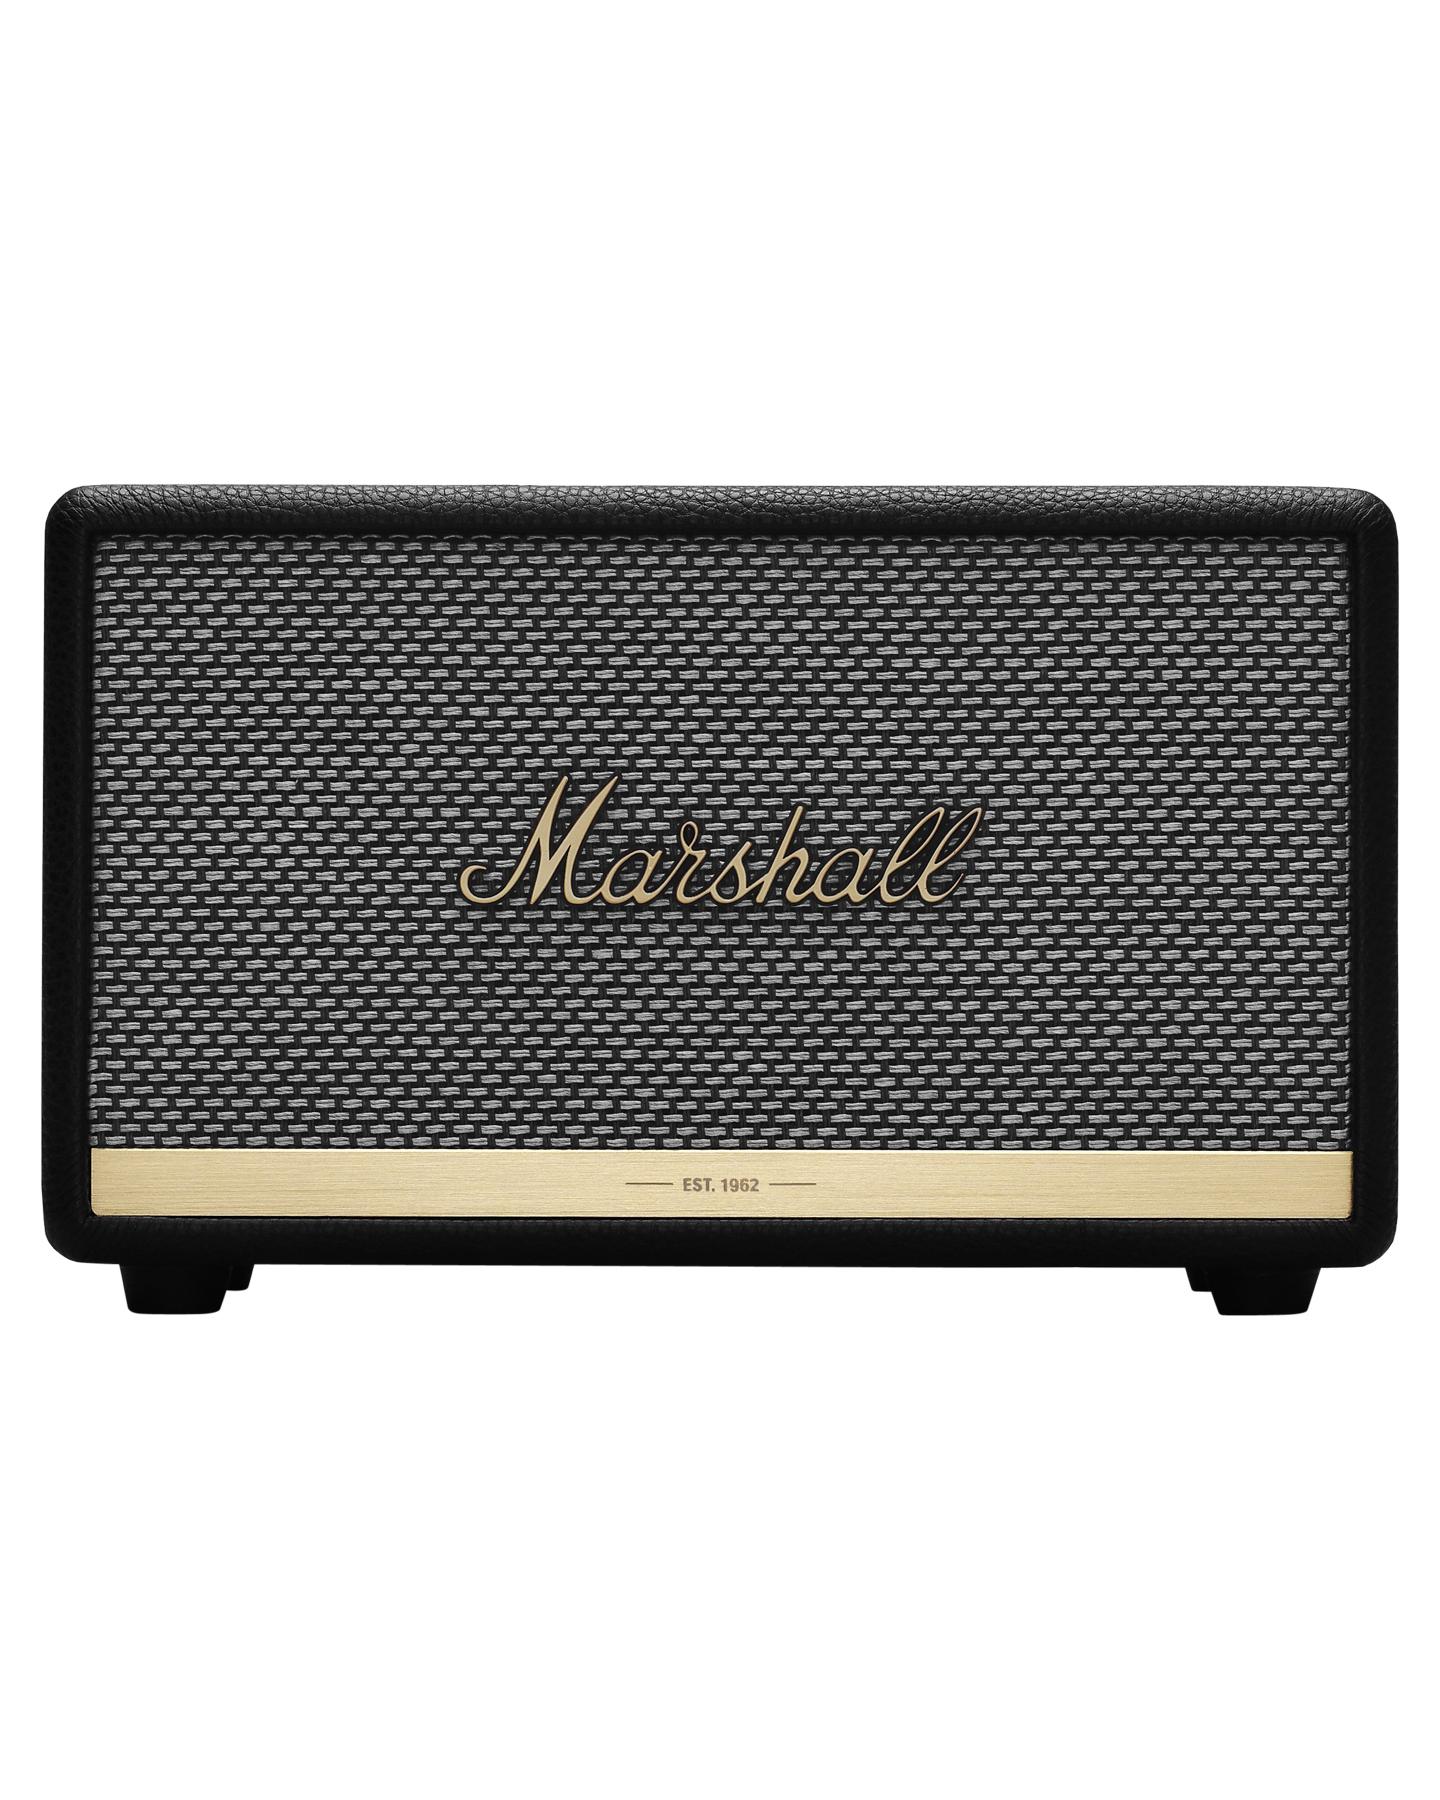 Marshall Acton Ii Voice Wireless Voice Speaker Black